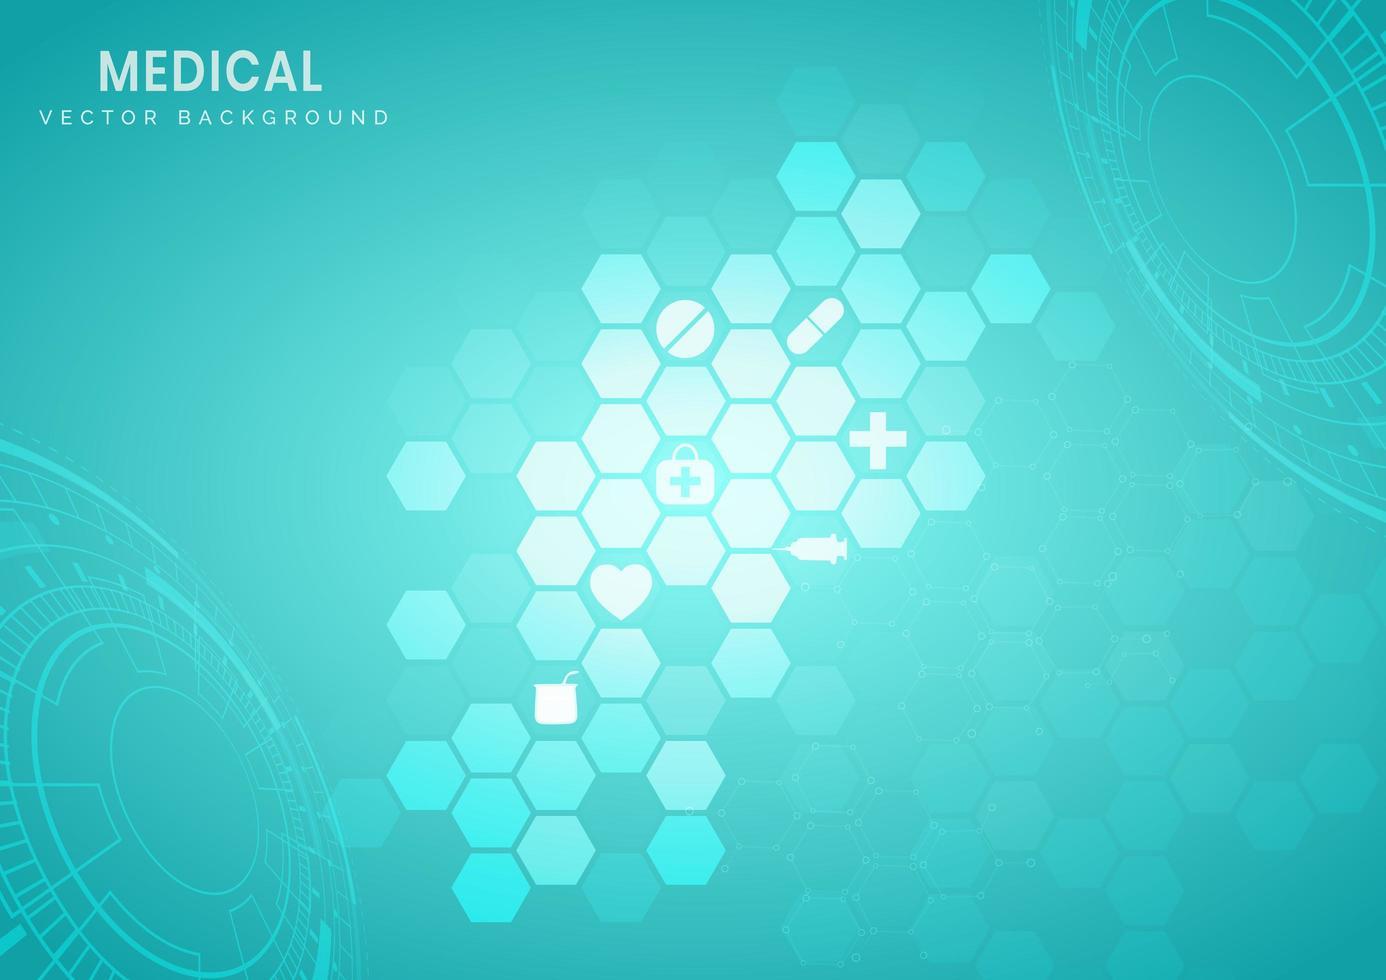 hexágono estrutura tecnológica turquesa de fundo vetor